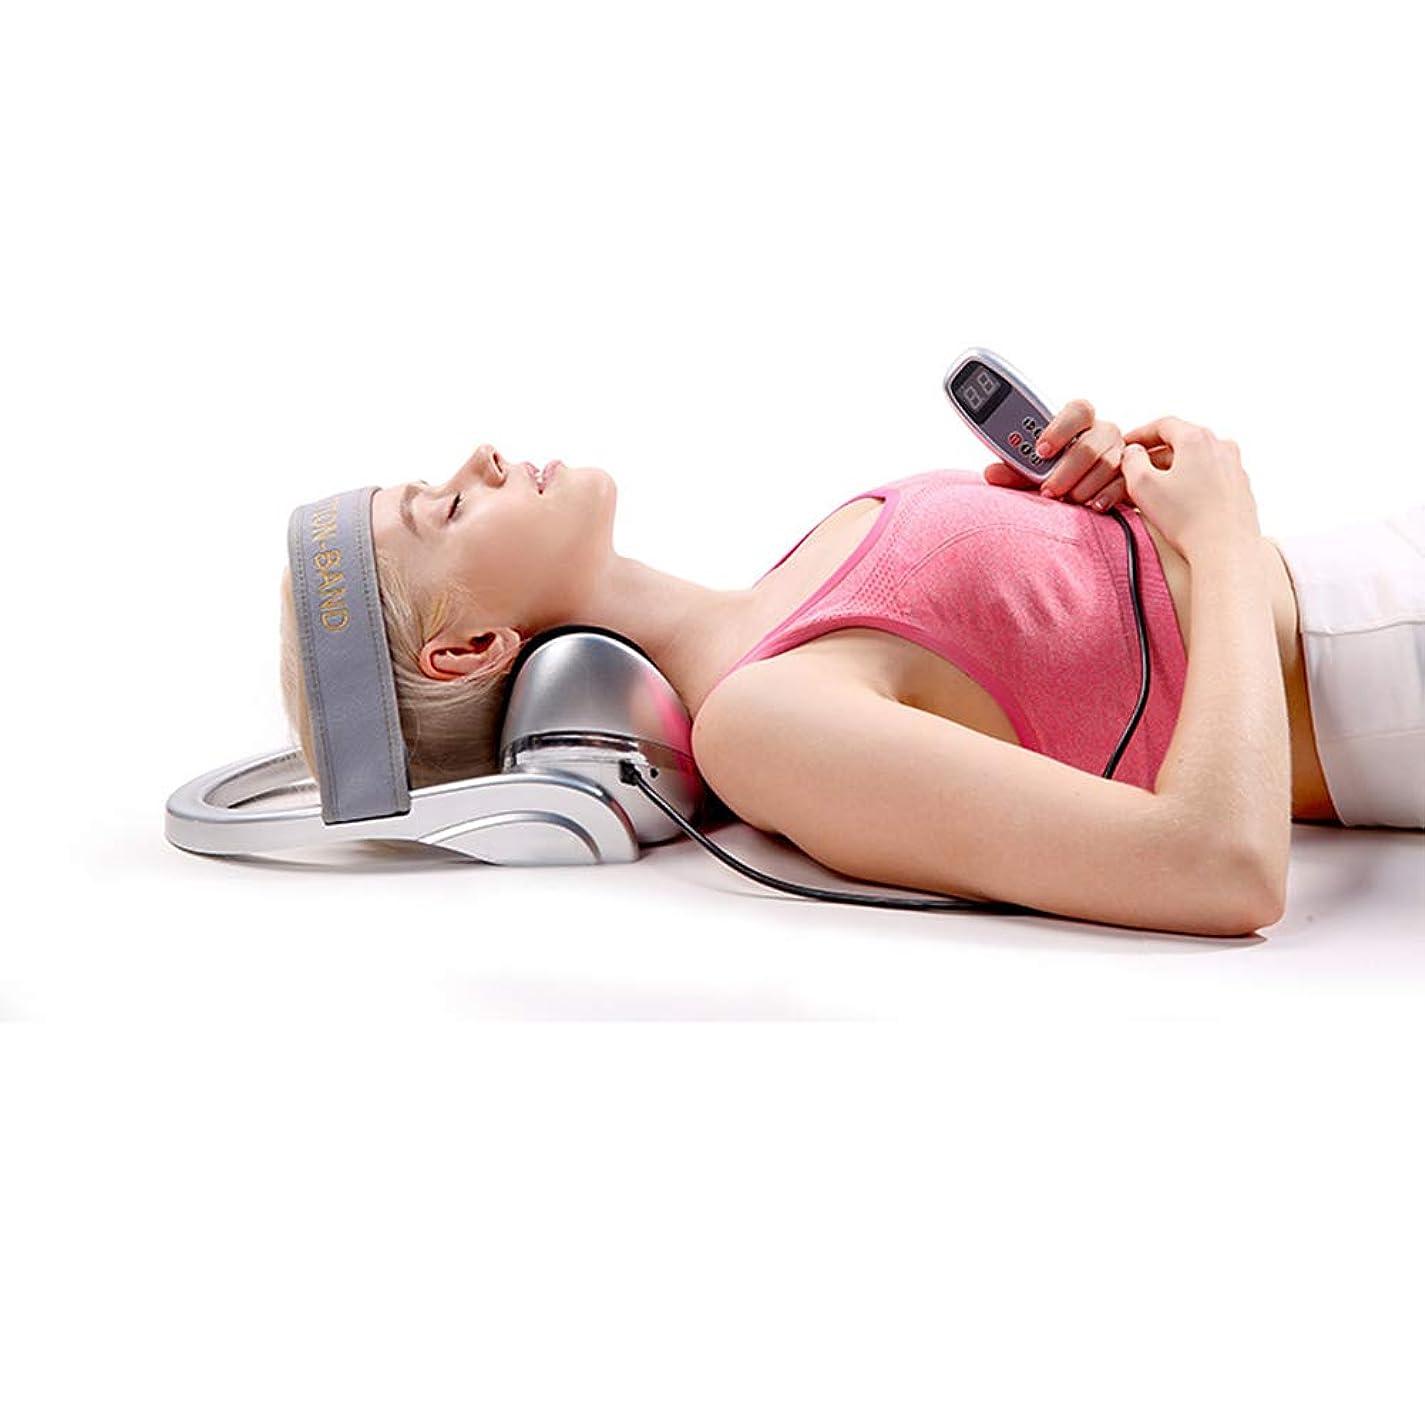 会話型穏やかな本物多機能エアバッグスクイーズド頸部マッサージャー-赤外線加熱/首部保護加熱は頸部疲労を軽減します,銀